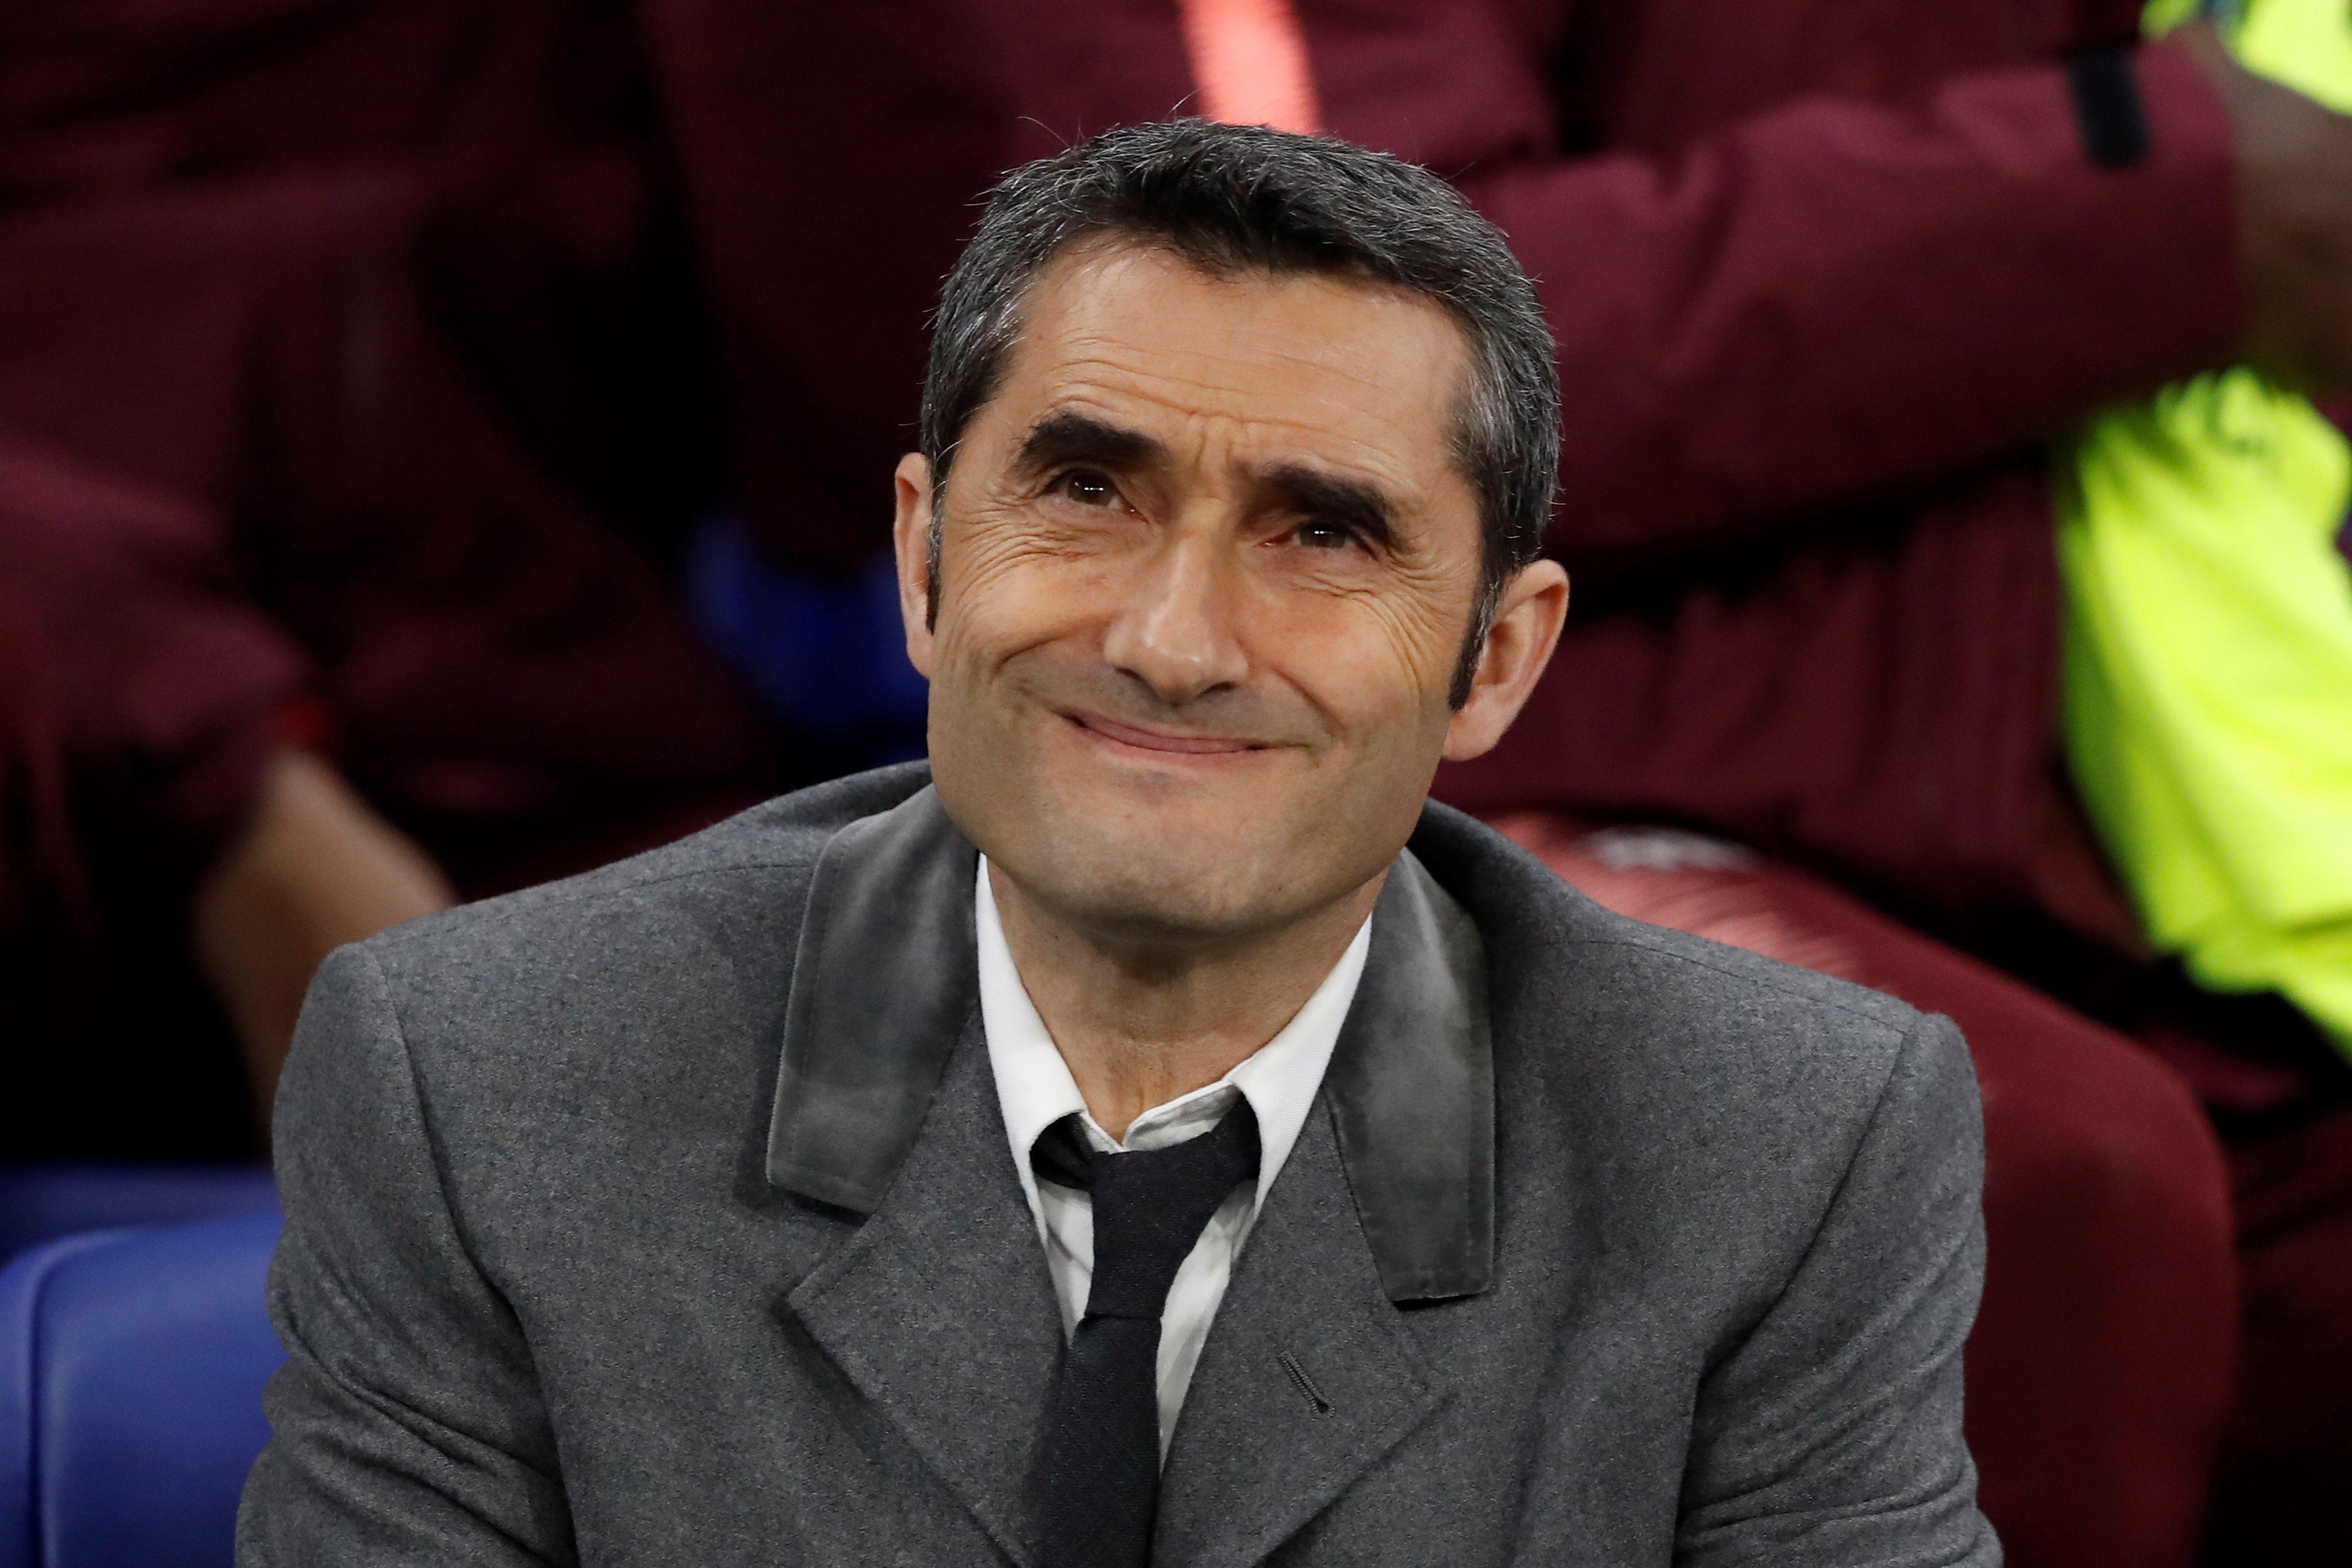 El entrenador de Barcelona, Ernesto Valverde, reacciona durante el partido por los octavos de final de la Liga de Campeones de la UEFA entre el FC Barcelona y el Olympique de Lyon, (Foto Prensa Libre: EFE)